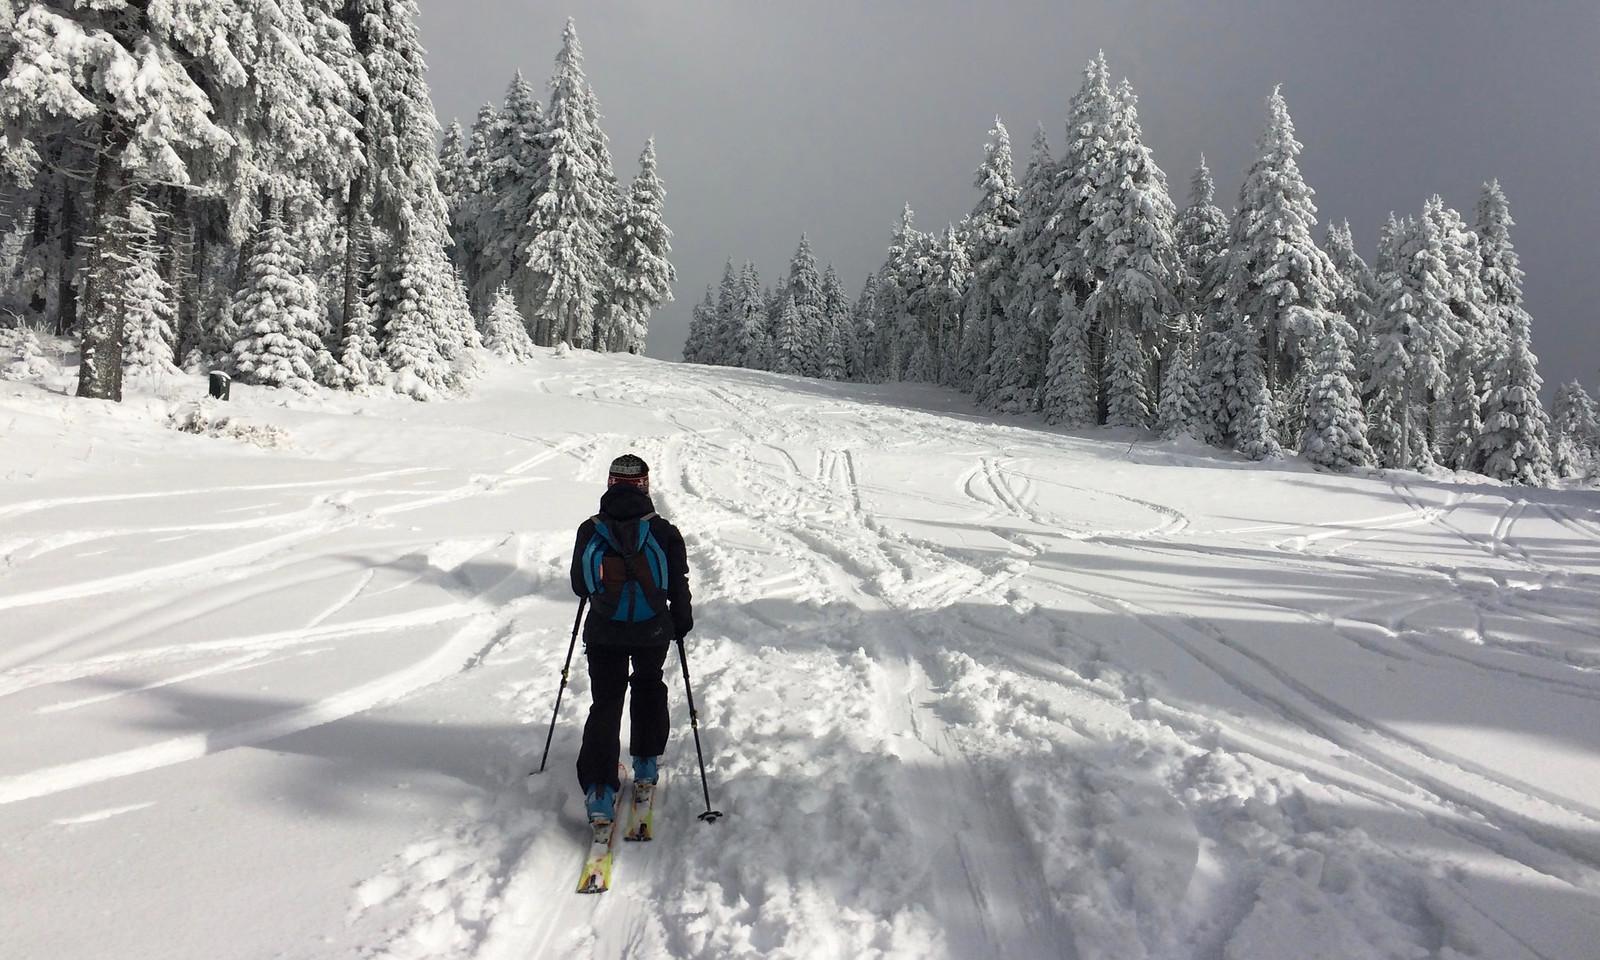 Přírodního sněhu je dostatek